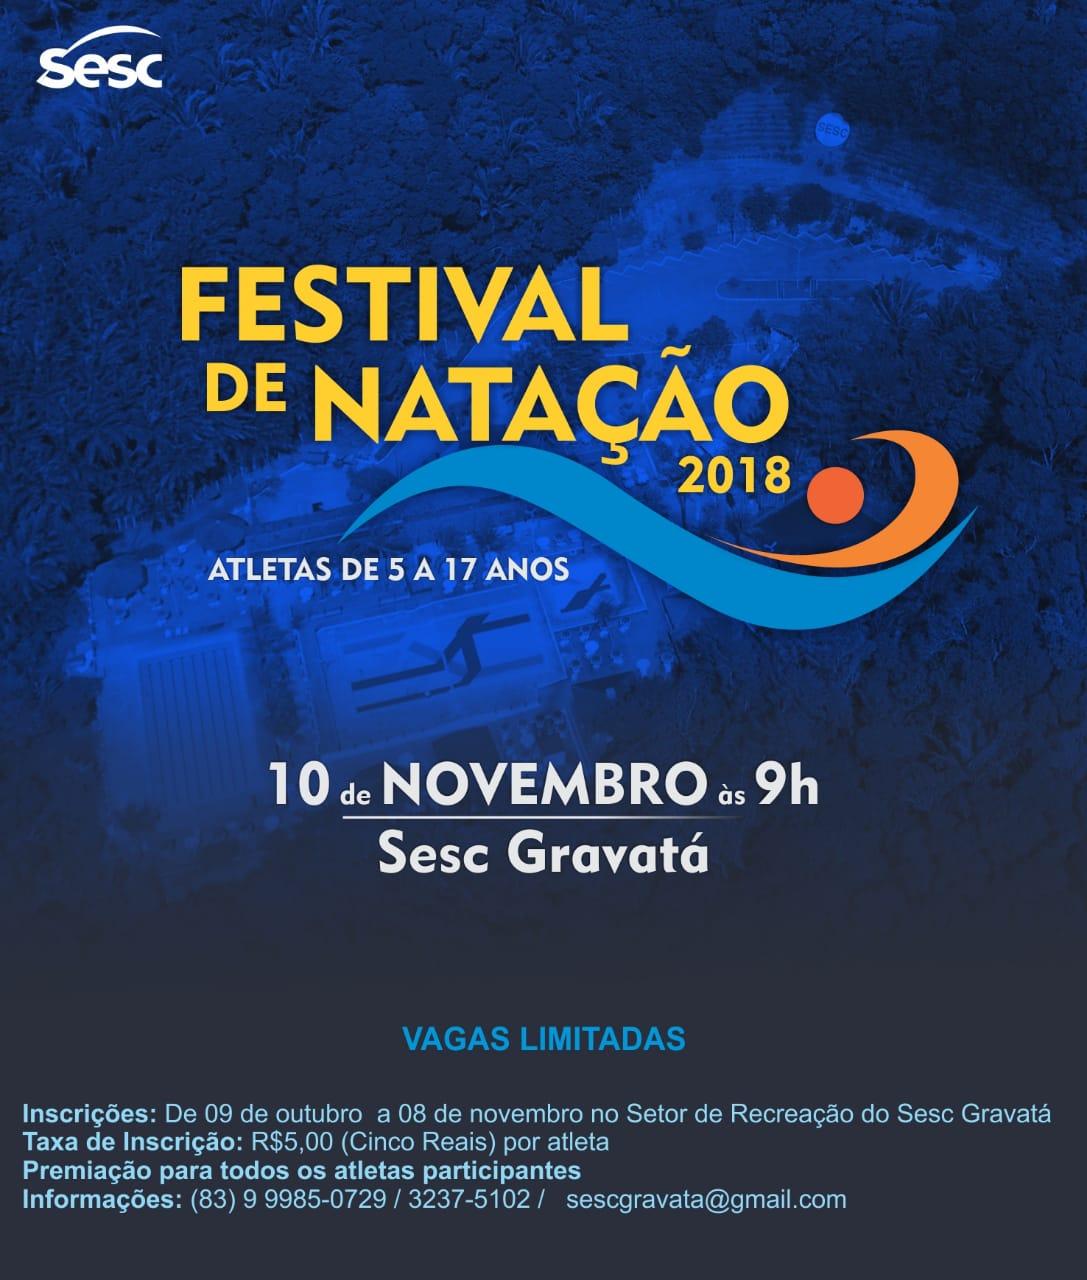 festivaldenatacao2018 - Inscrições abertas para Festival de Natação em João Pessoa